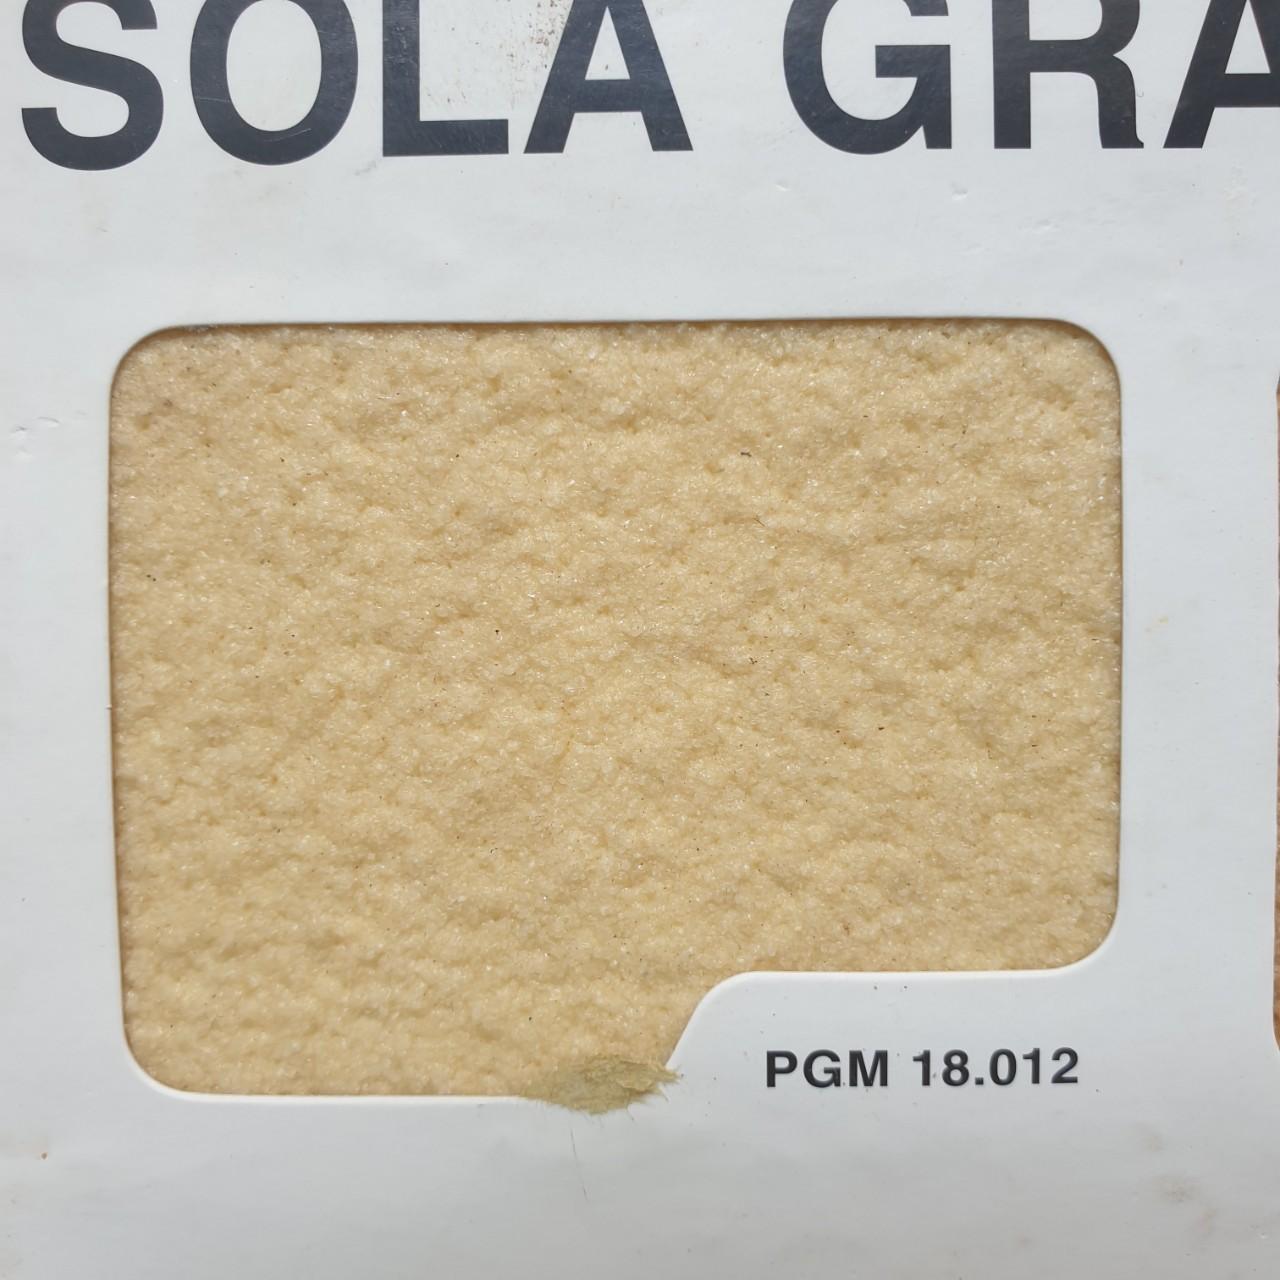 PGM 18.012